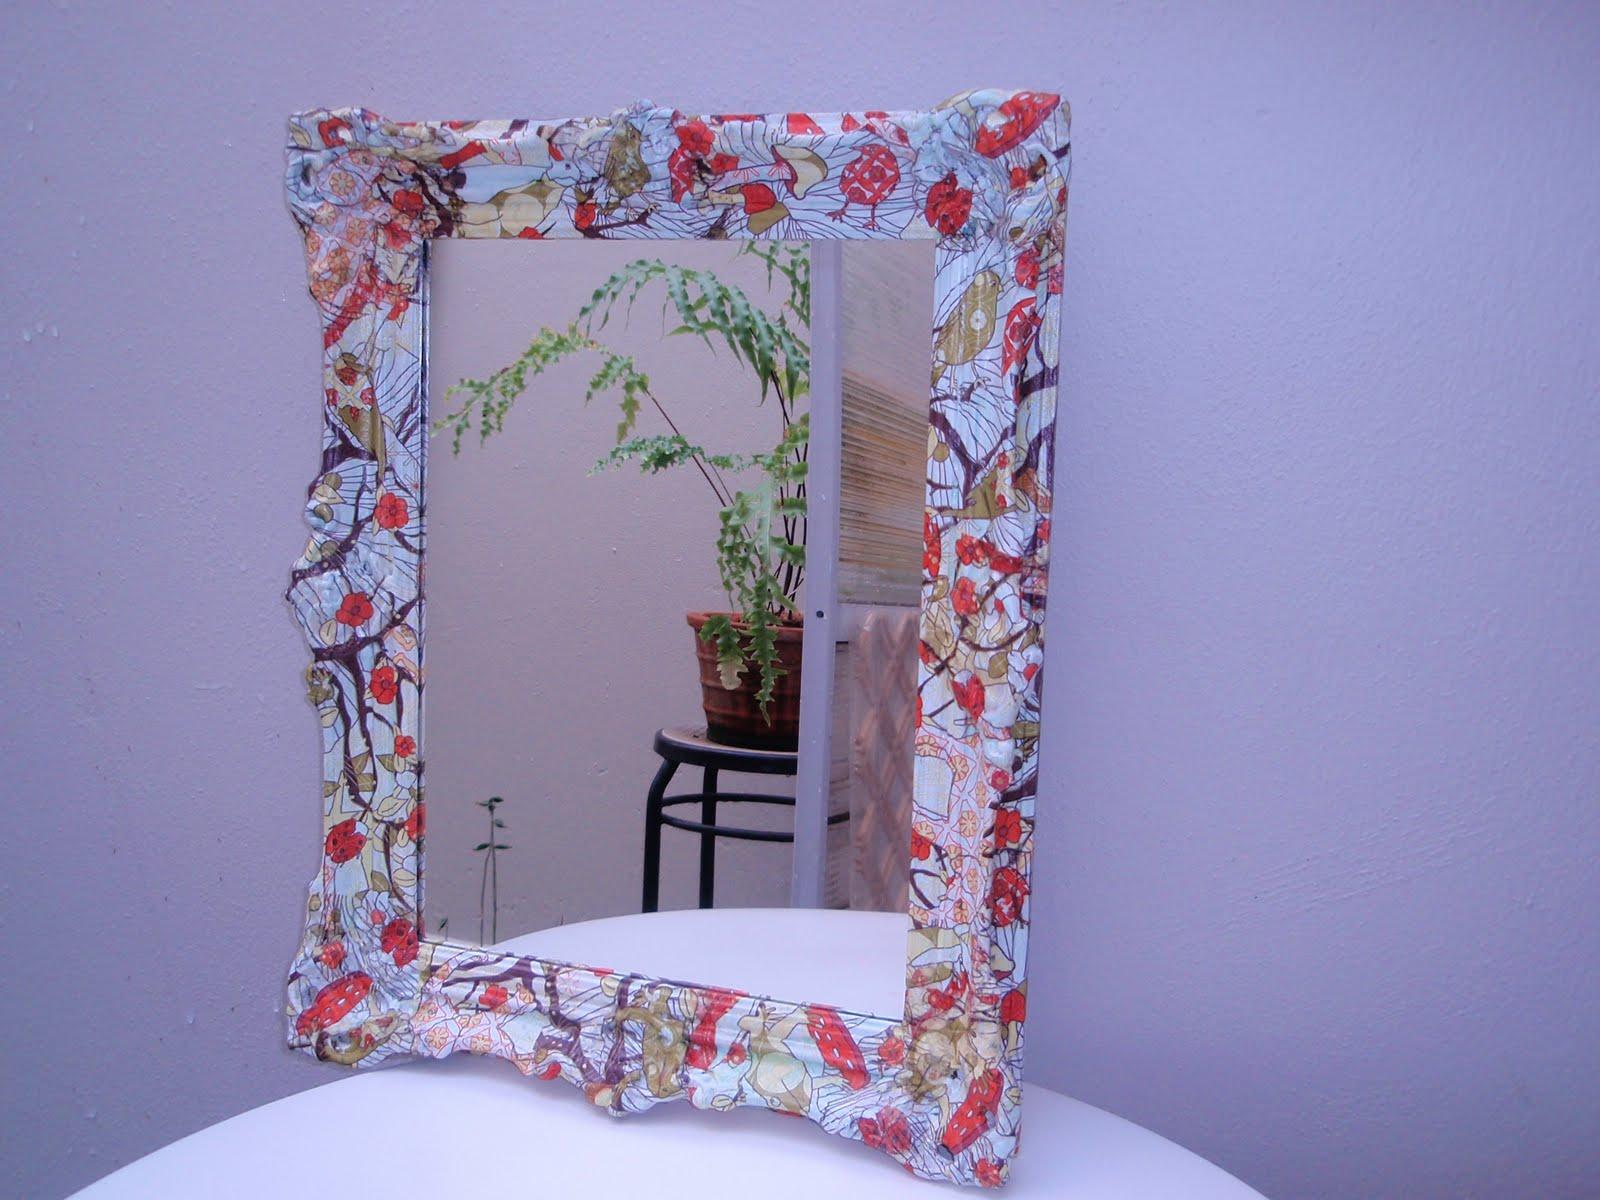 Dise os d coupage marcos espejos for Disenos de marcos para espejos